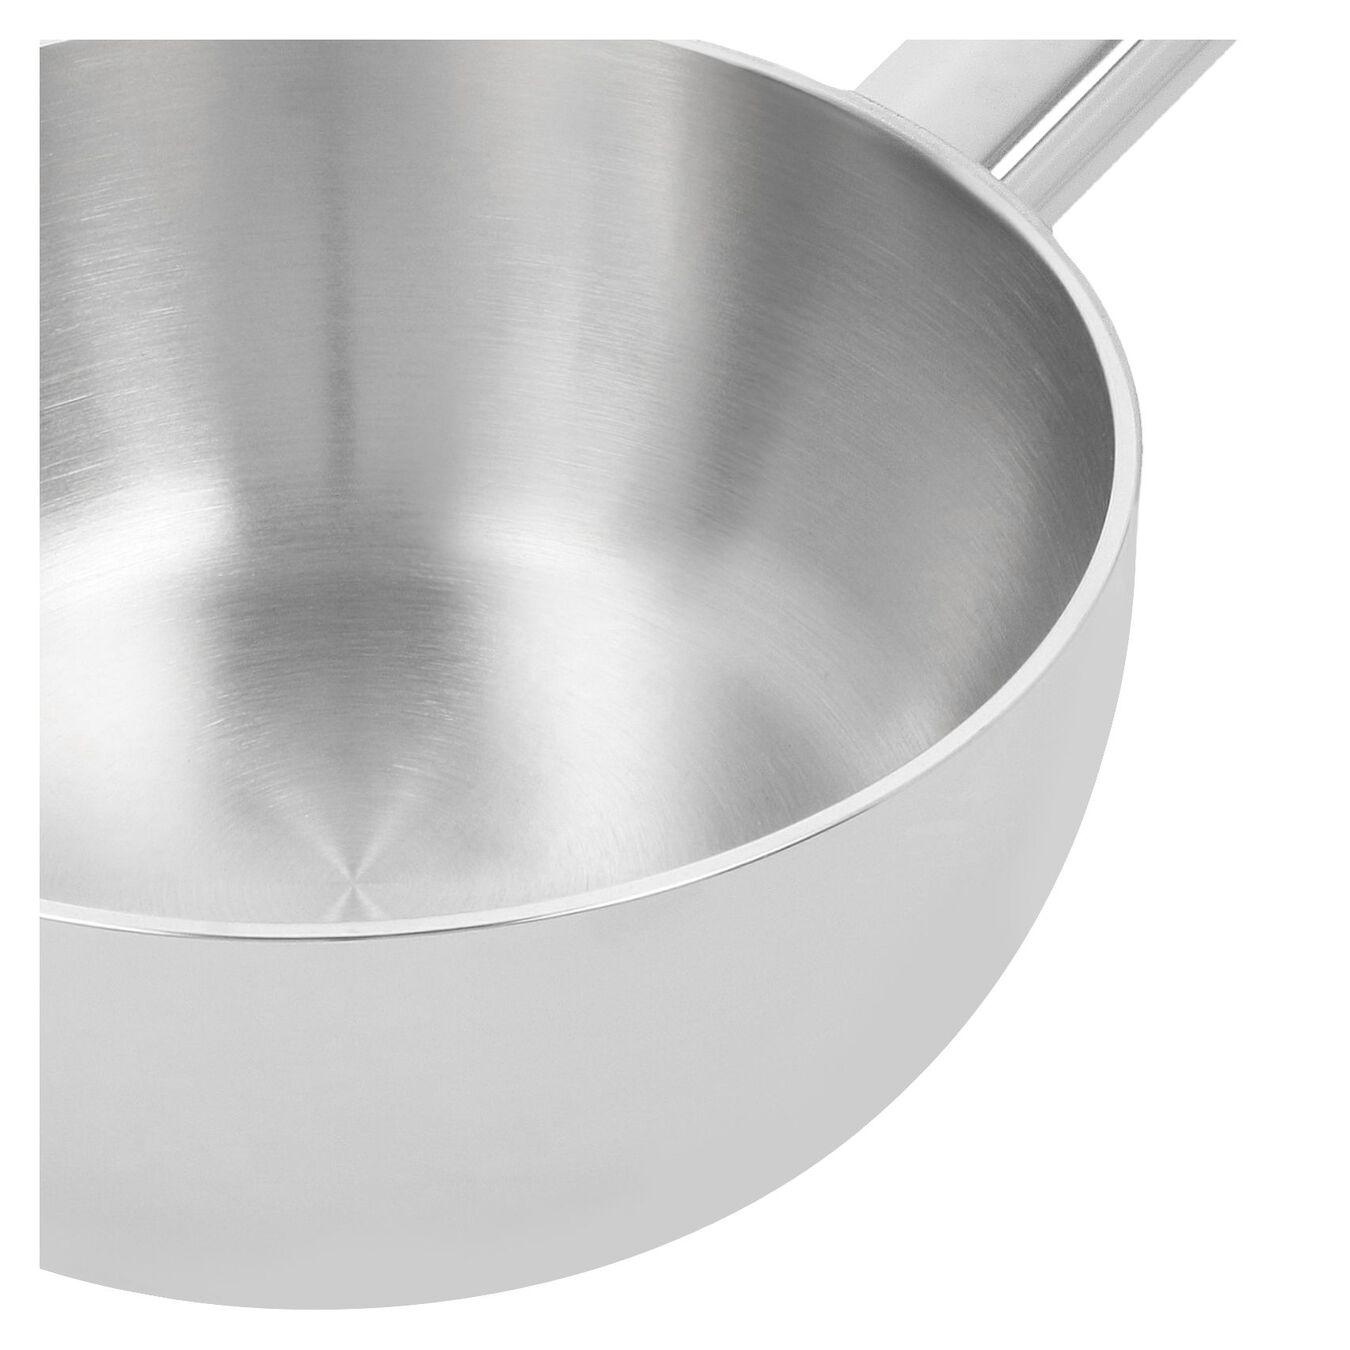 Sauteuse konisk 14 cm, 18/10 rustfrit stål,,large 2